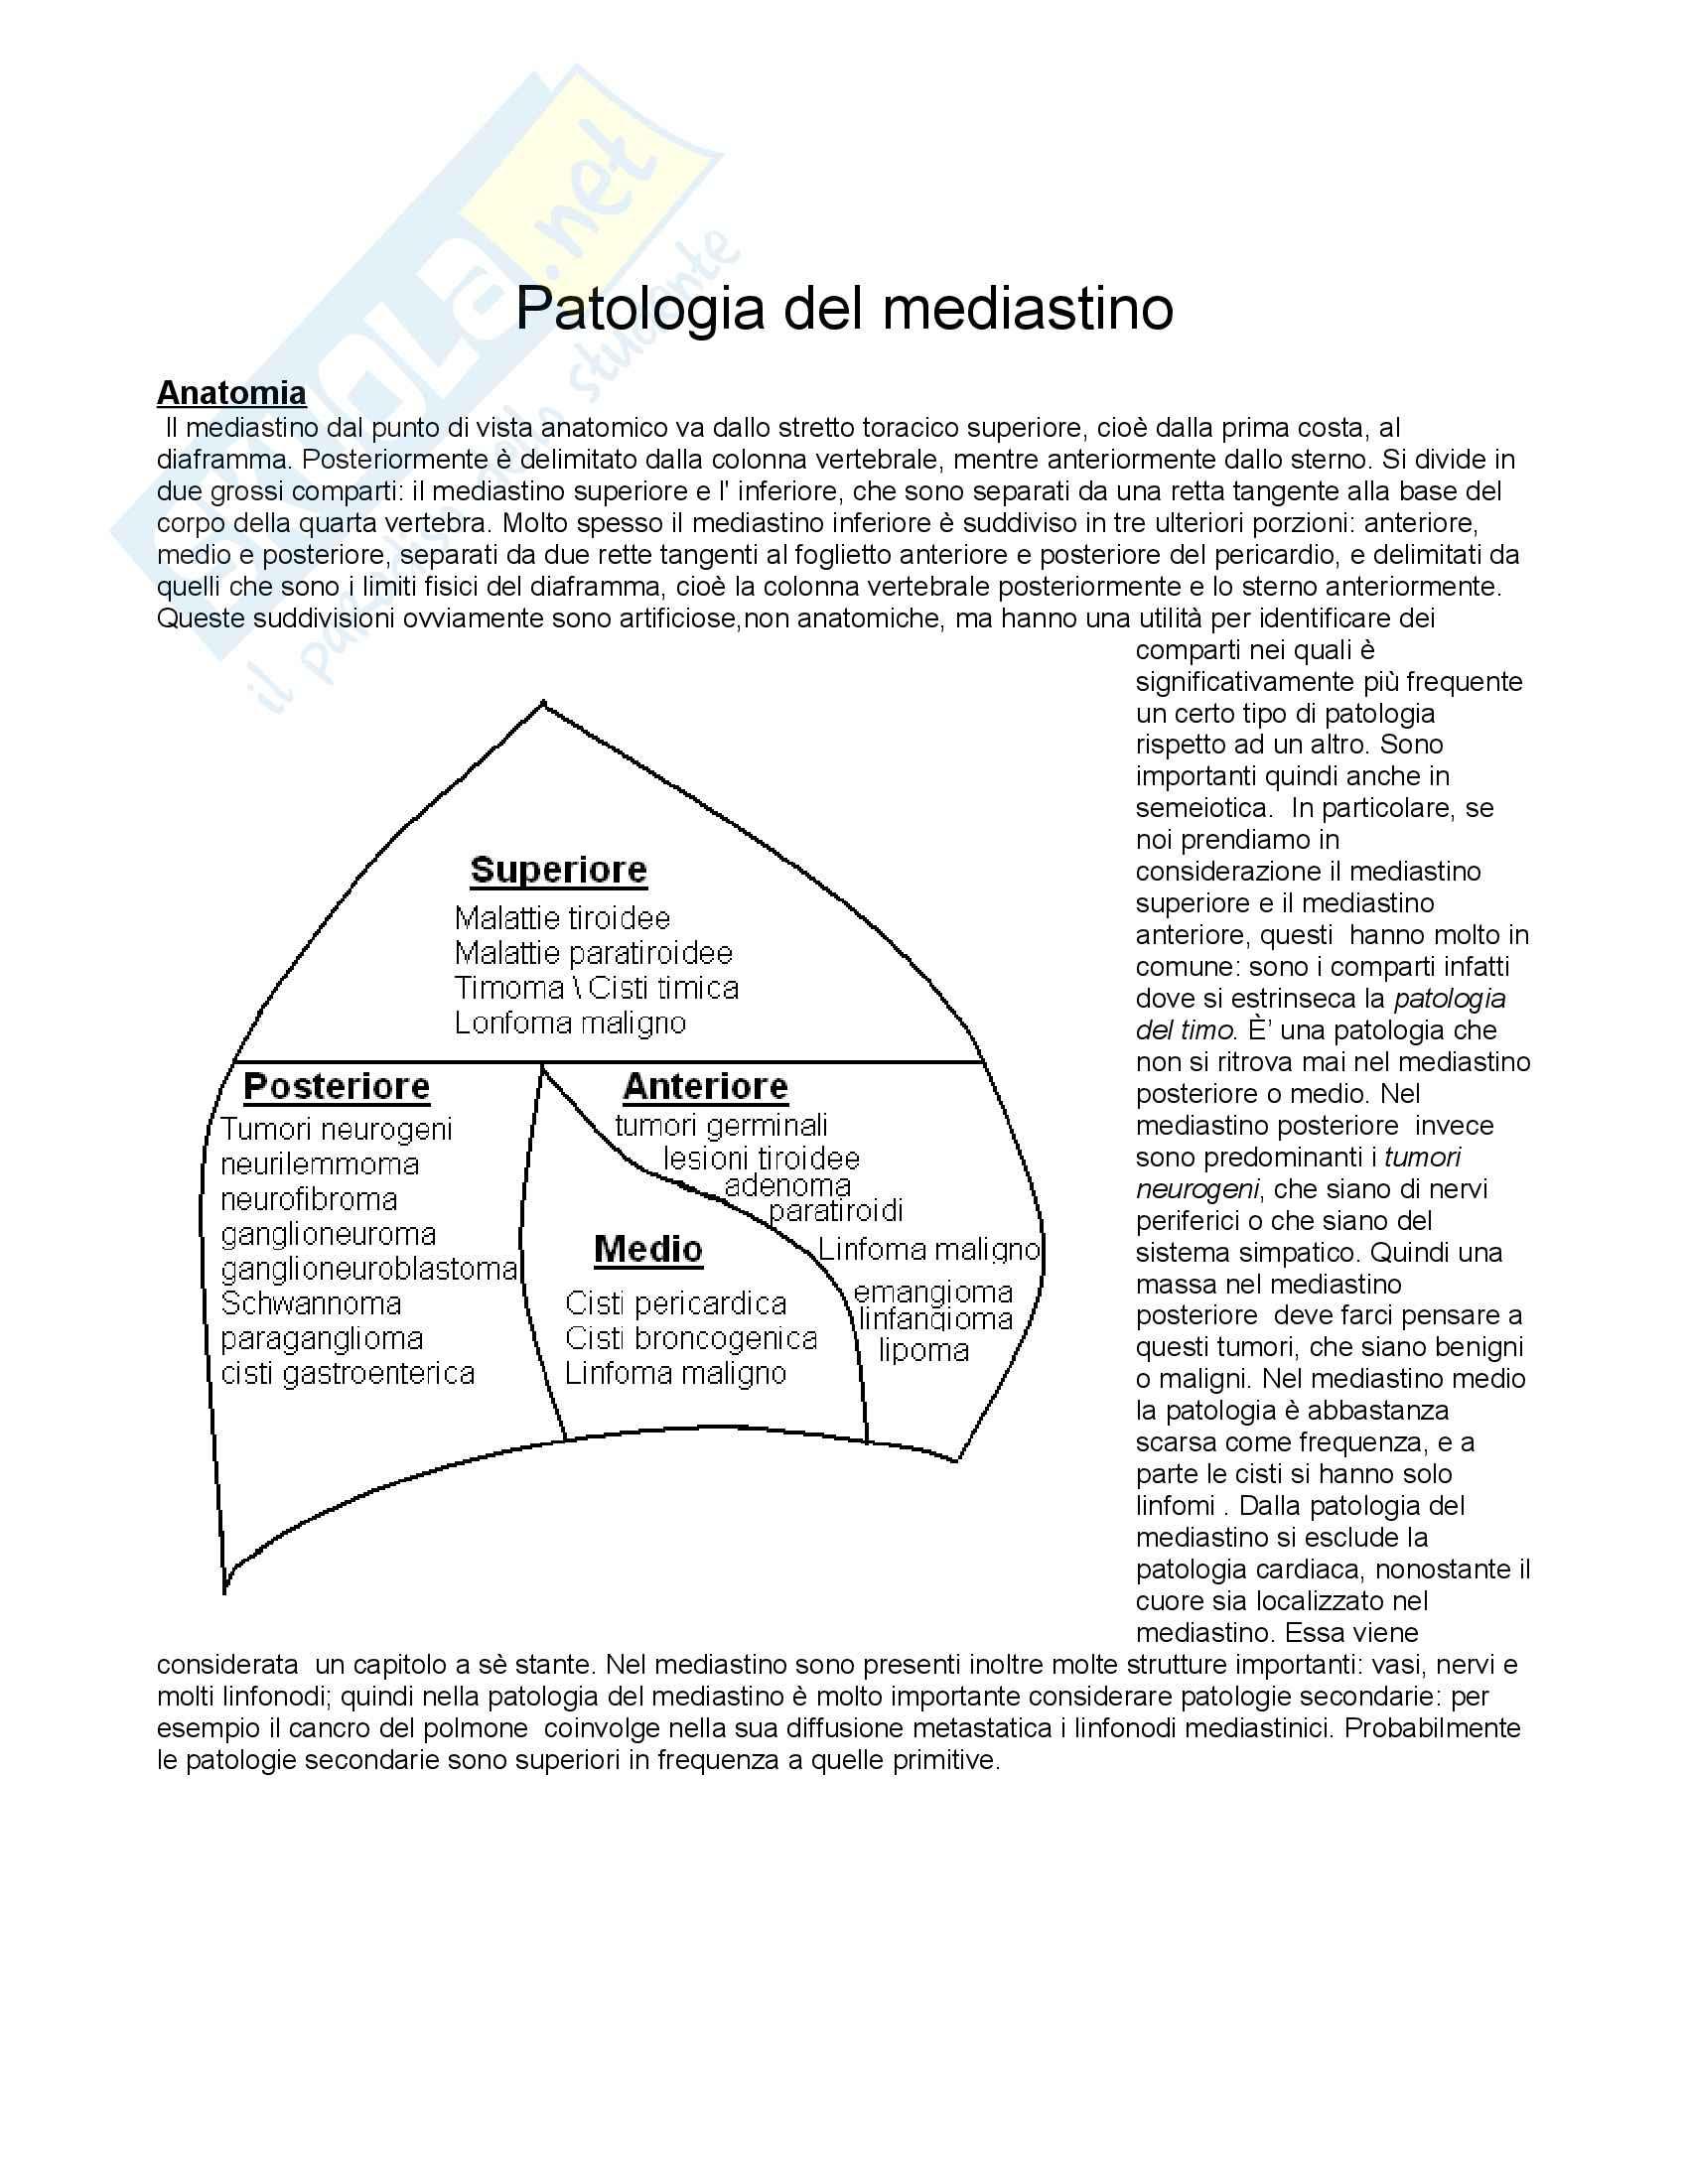 Anatomia Patologica - Patologia mediastinica